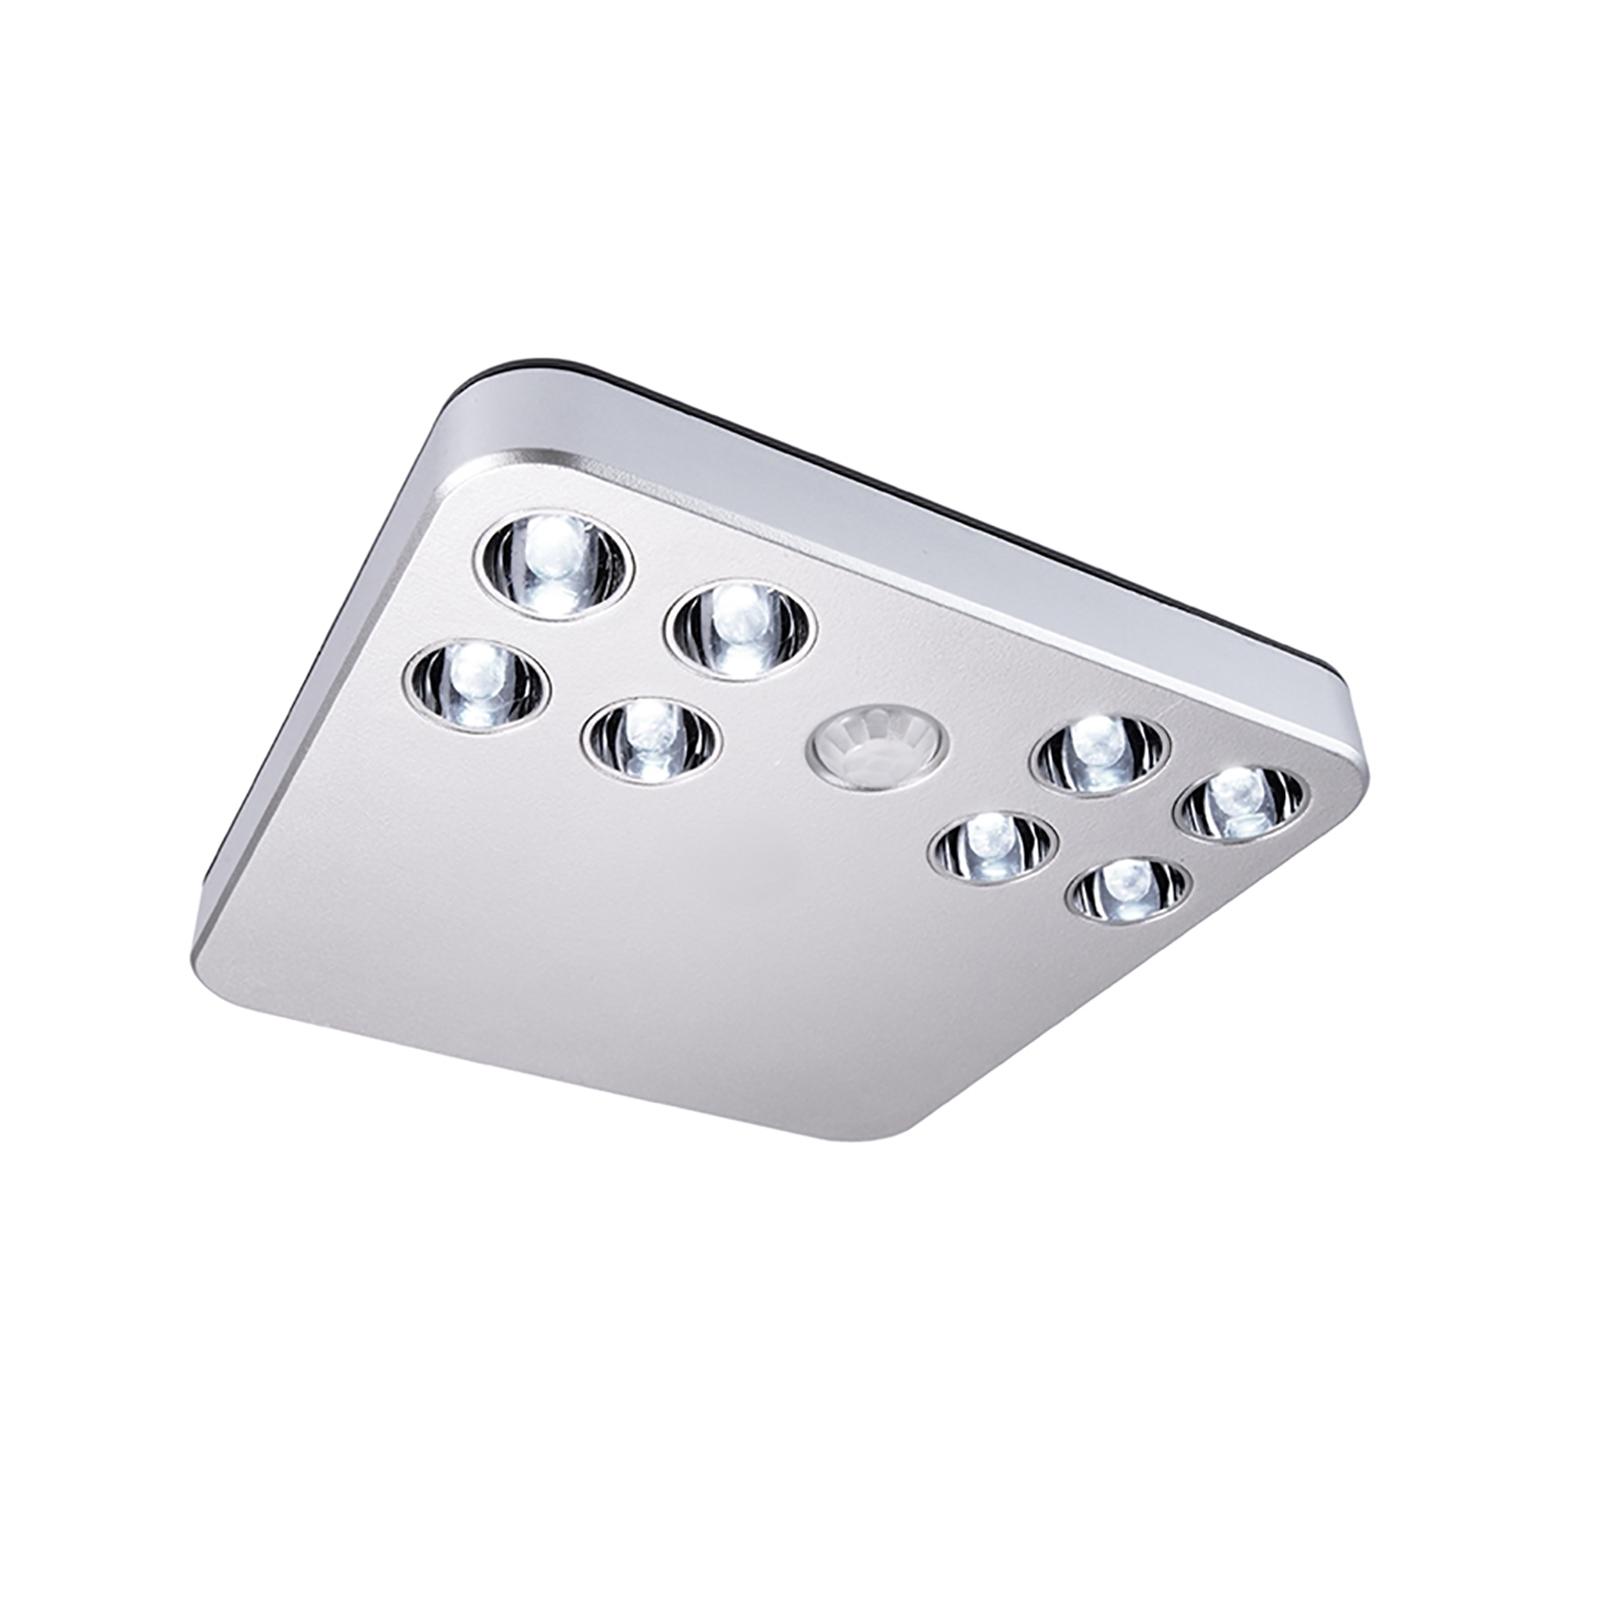 Luci led con sensore di movimento - :: prova sito::: - lampada, luce ...